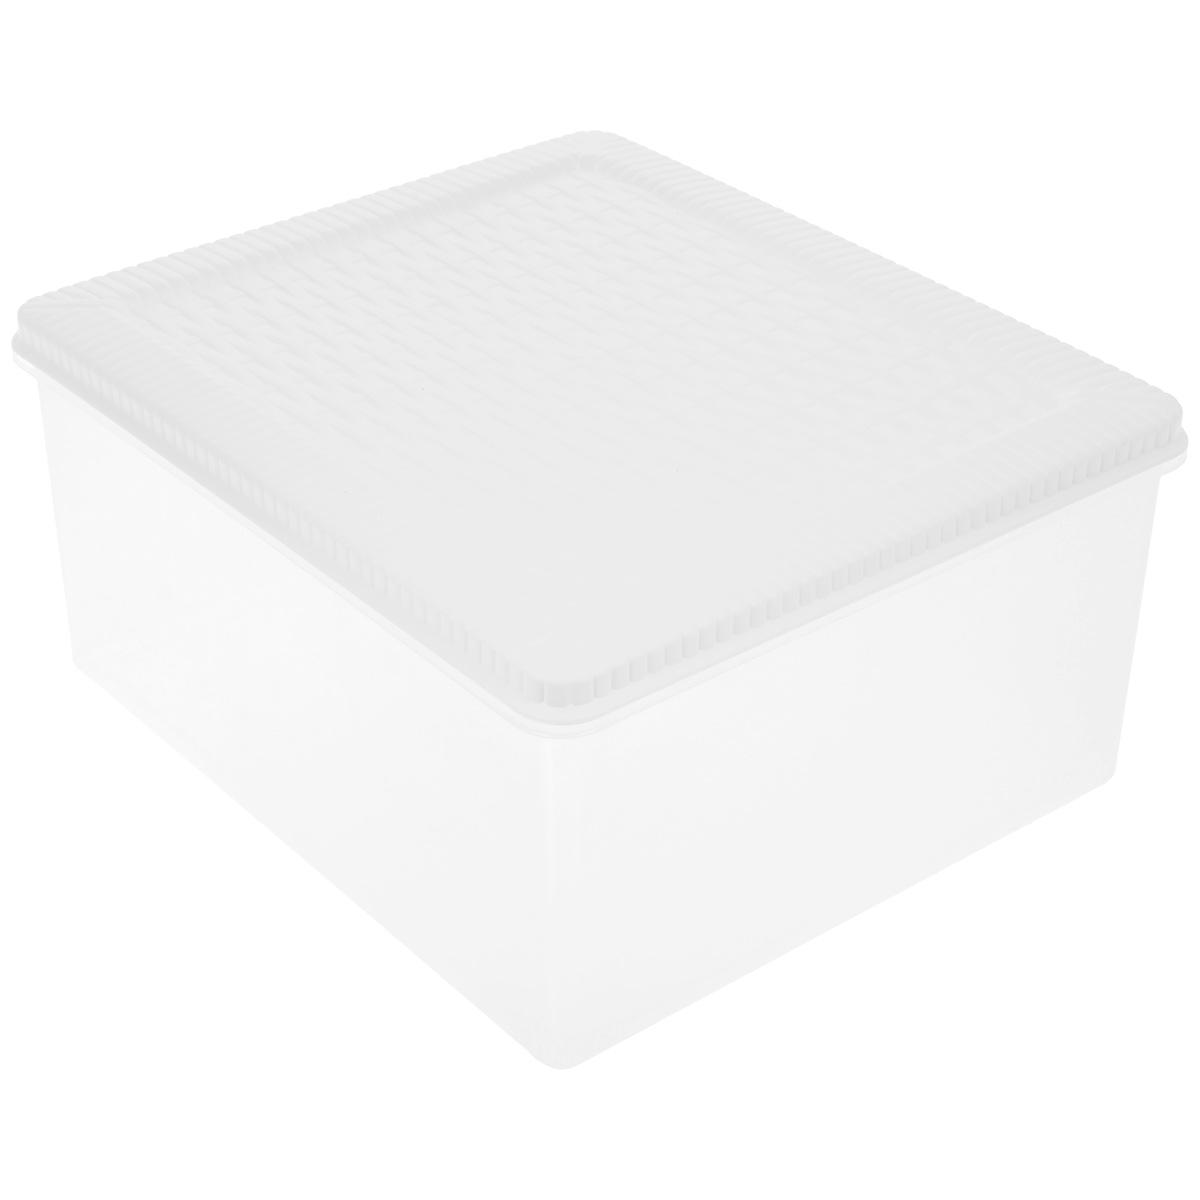 Контейнер хозяйственный Gensini Rattan, с крышкой, цвет: белый, прозрачный, 10 л2178_белыйУниверсальный контейнер Gensini Rattan прямоугольной формы прекрасно подойдет для хранения небольших игрушек в детской комнате, бумаг и документов, инструментов и многого другого. Он изготовлен из высококачественного пластика. Благодаря прозрачности вы всегда сможете видеть содержимое контейнера и без труда отыщите нужную вам вещь. Контейнер плотно закрывается крышкой. Удобный и легкий контейнер позволит вам хранить вещи в полном порядке, а благодаря современному дизайну он впишется в любой интерьер.